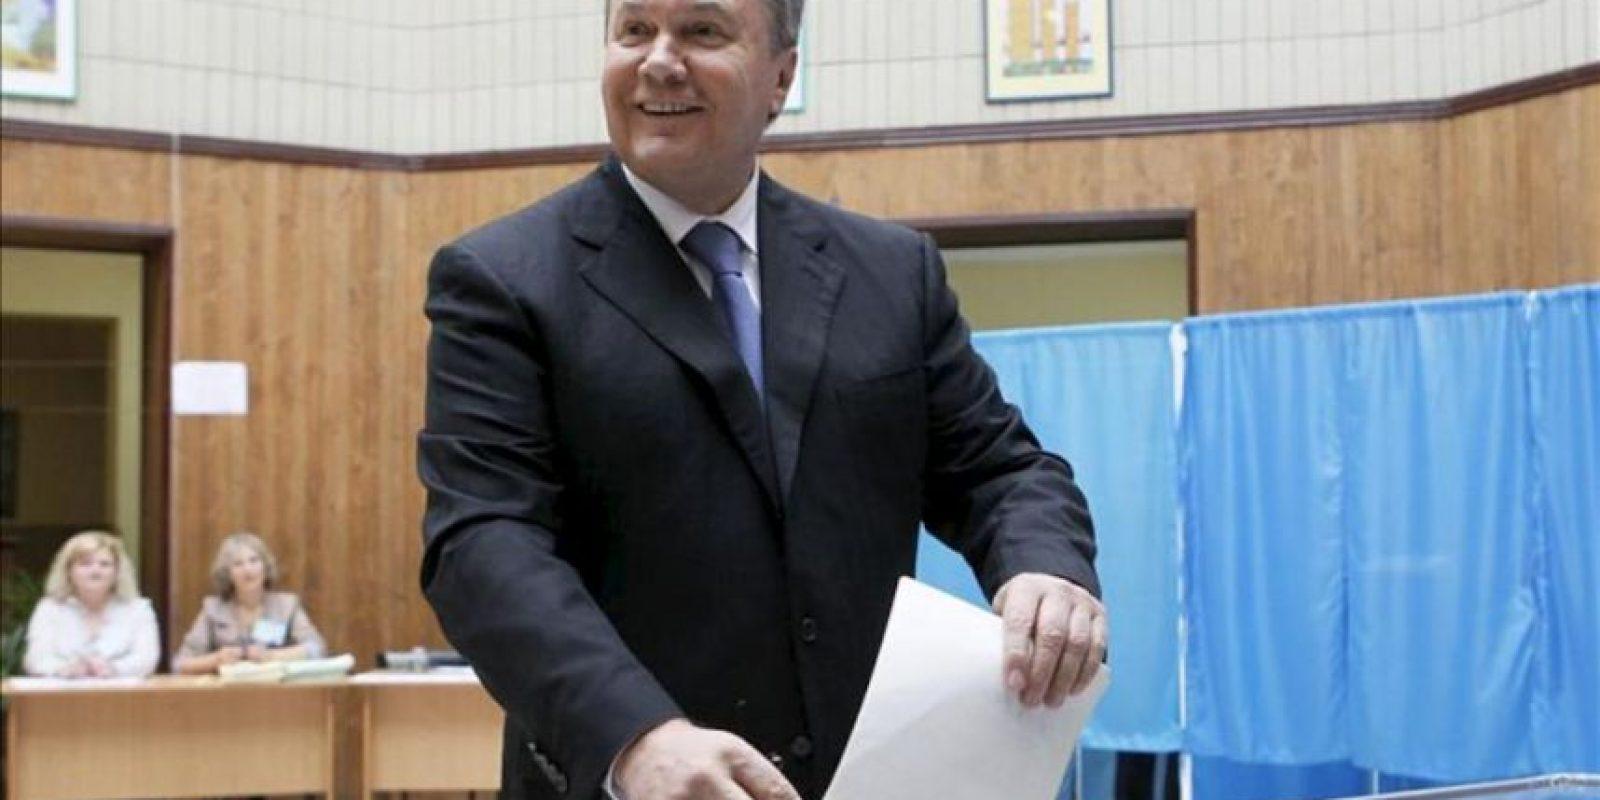 El presidente ucraniano, Viktor Yanukovych, sonrie al depositar su voto en un colegio electoral en Kiev. EFE